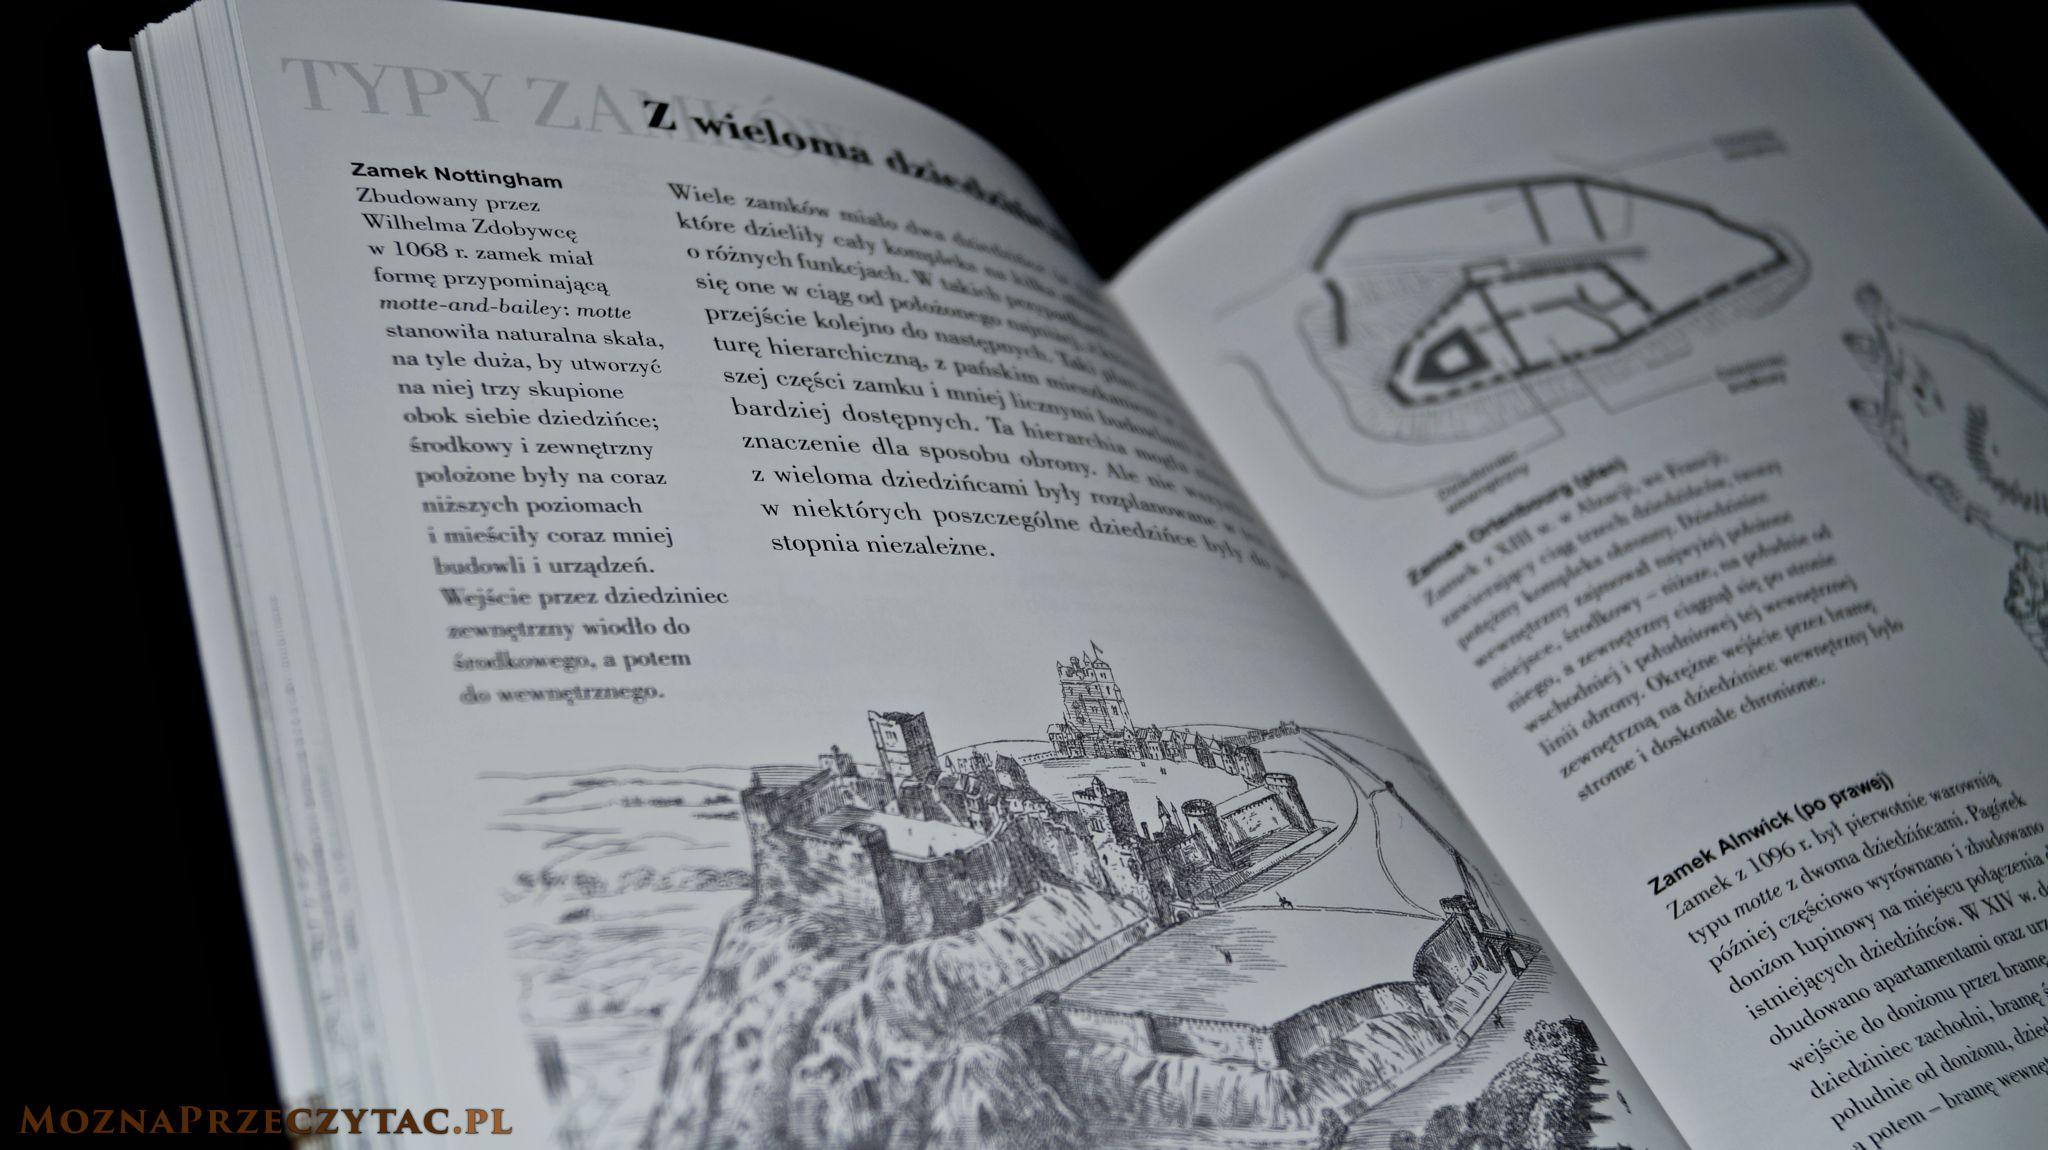 Jak czytać zamki. Krótki kurs wiedzy o fortyfikacjach - Malcolm Hislop